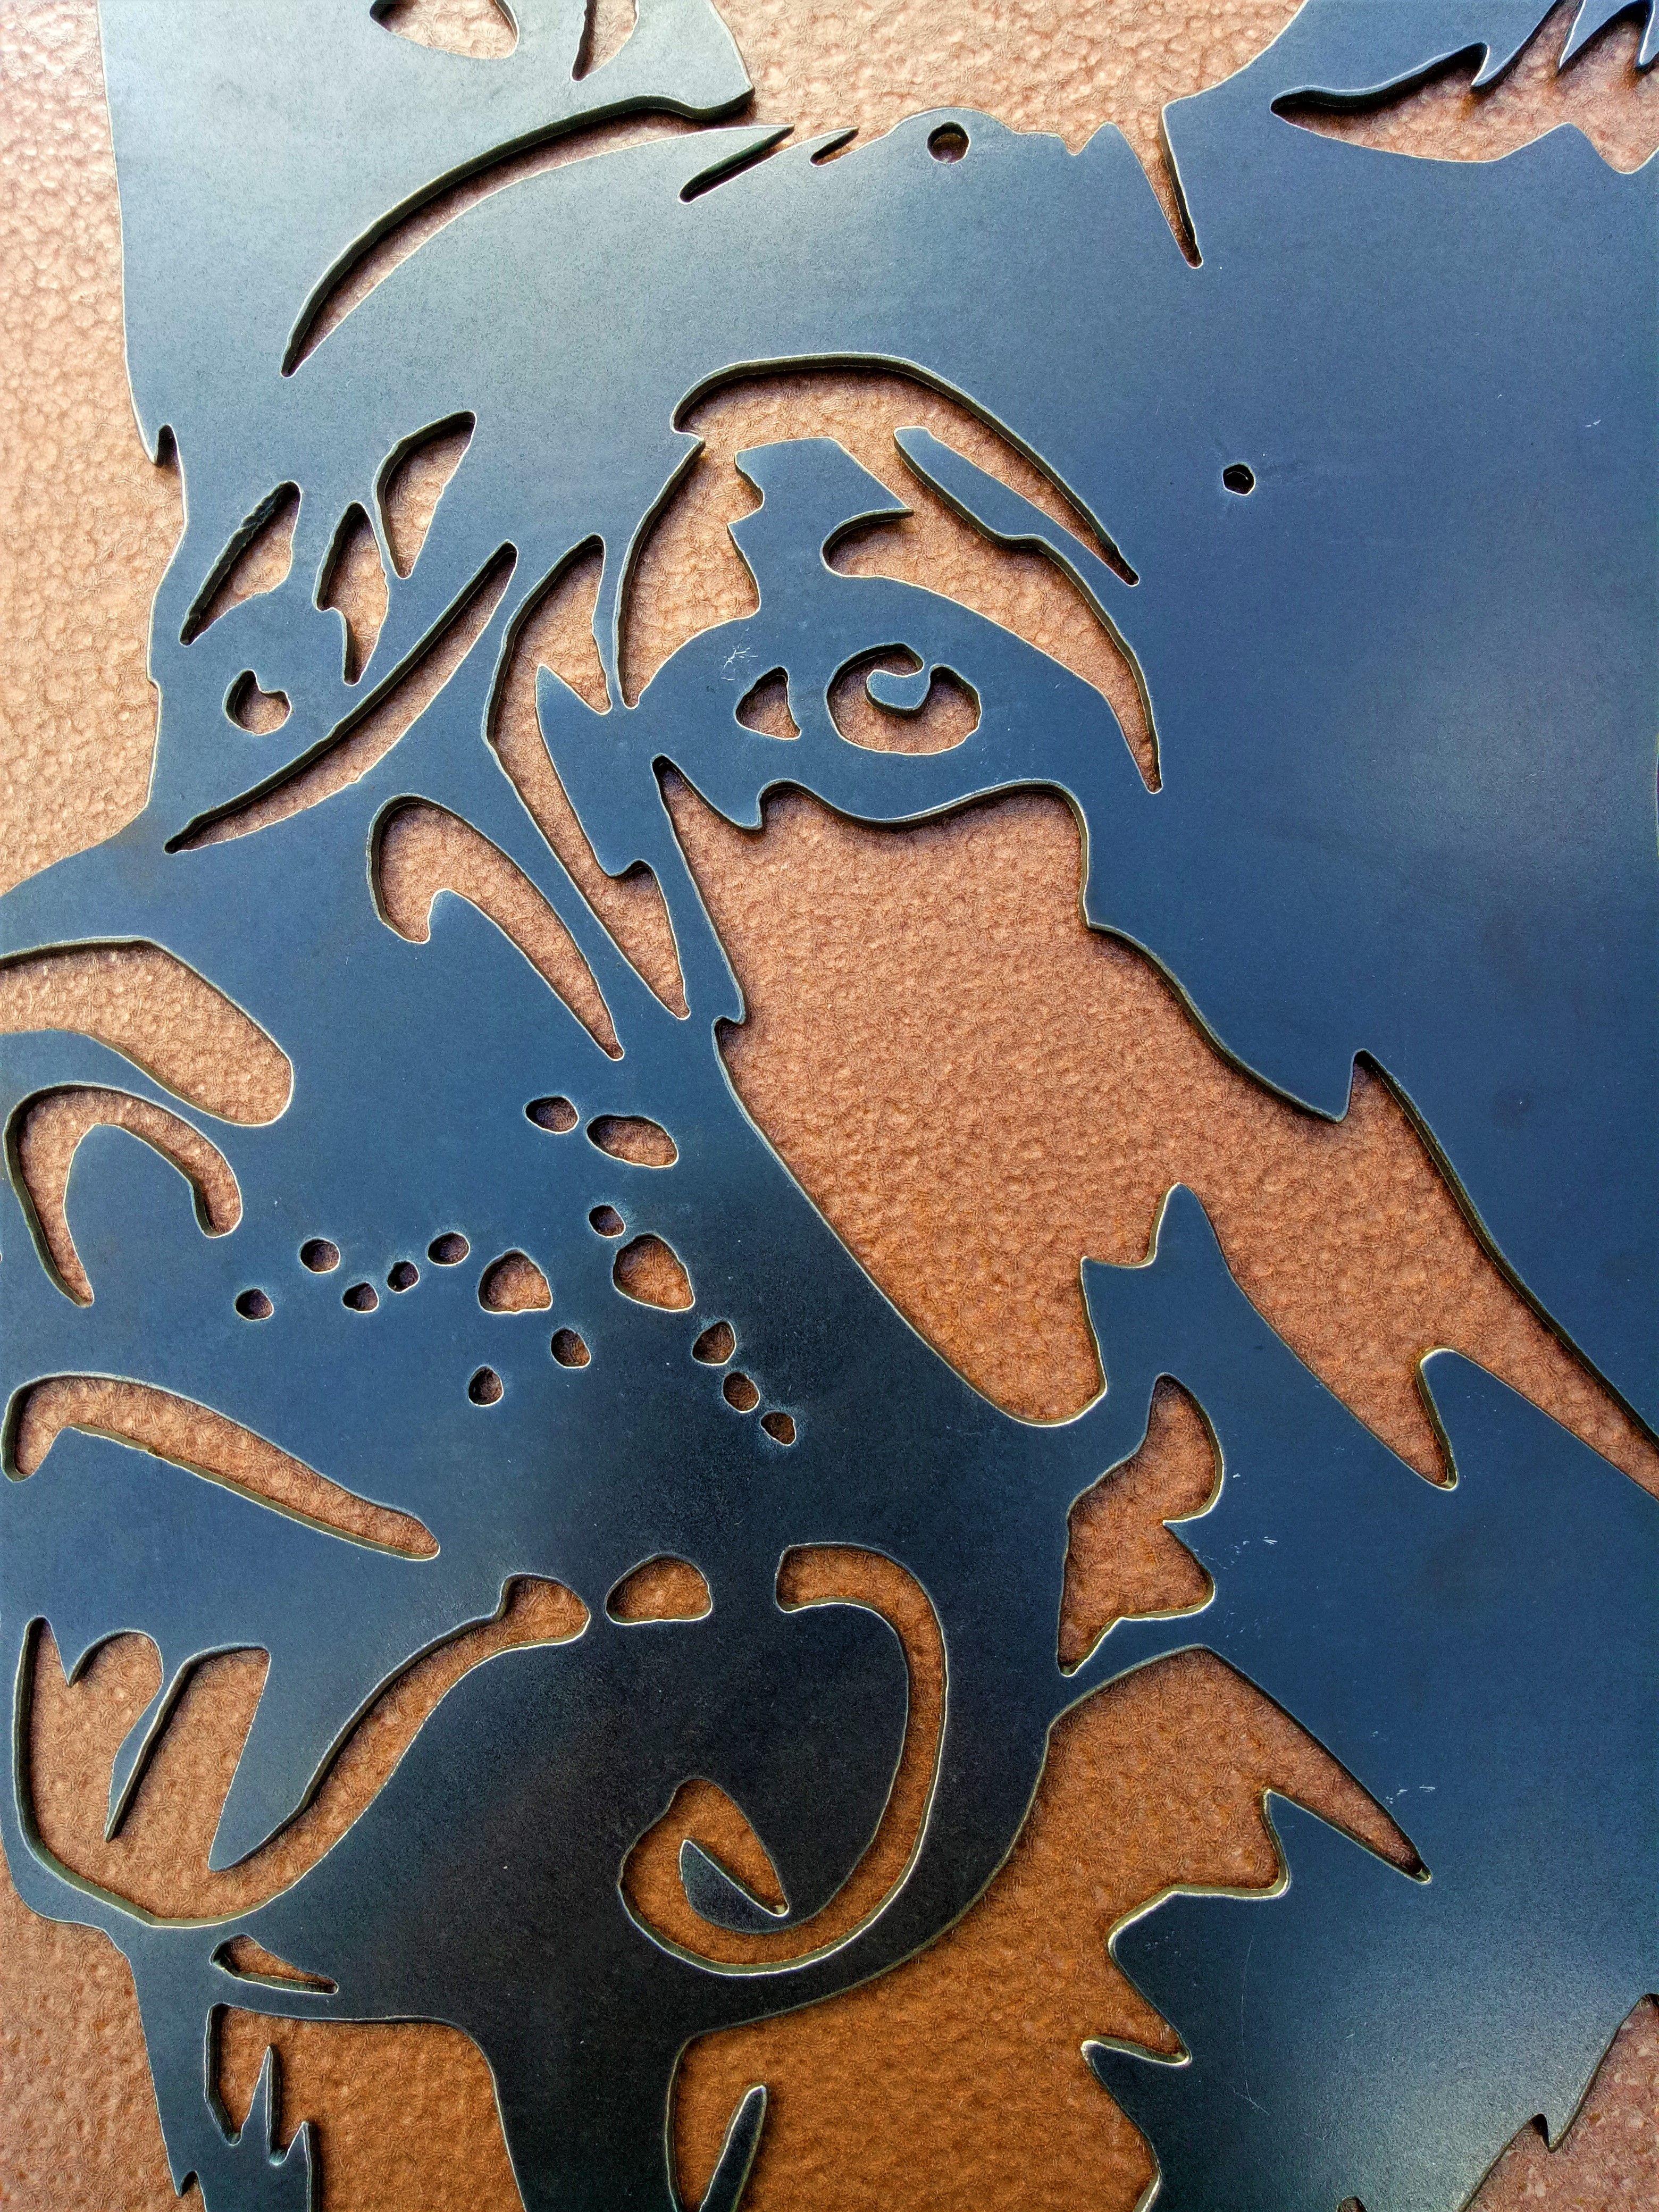 Pin On Rustic Steel German Shepherd Metal Art